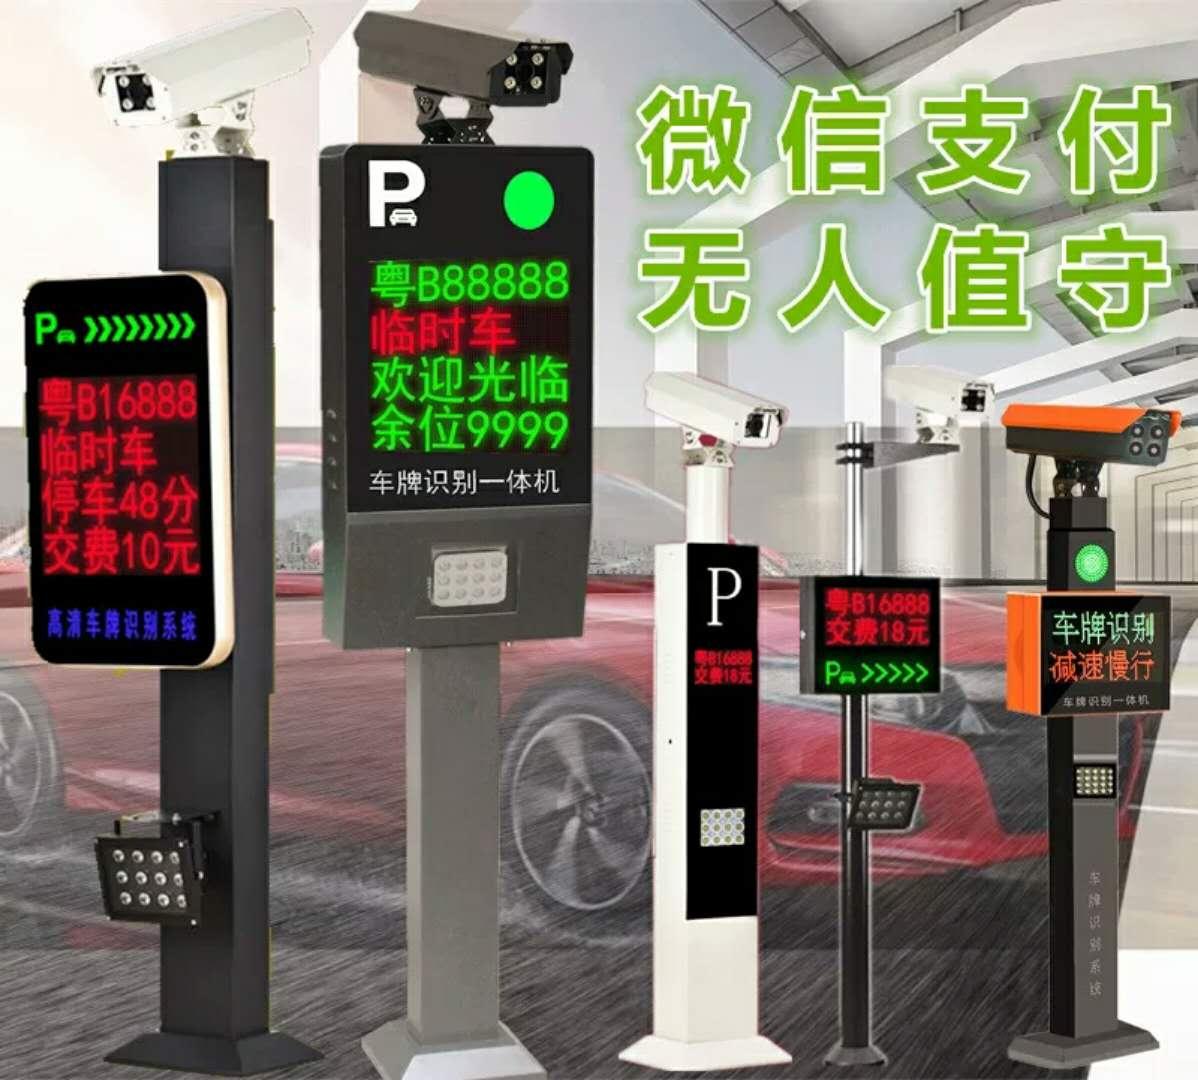 福建车牌识别停车场-漳州哪里有具有口碑的车牌识别厂家